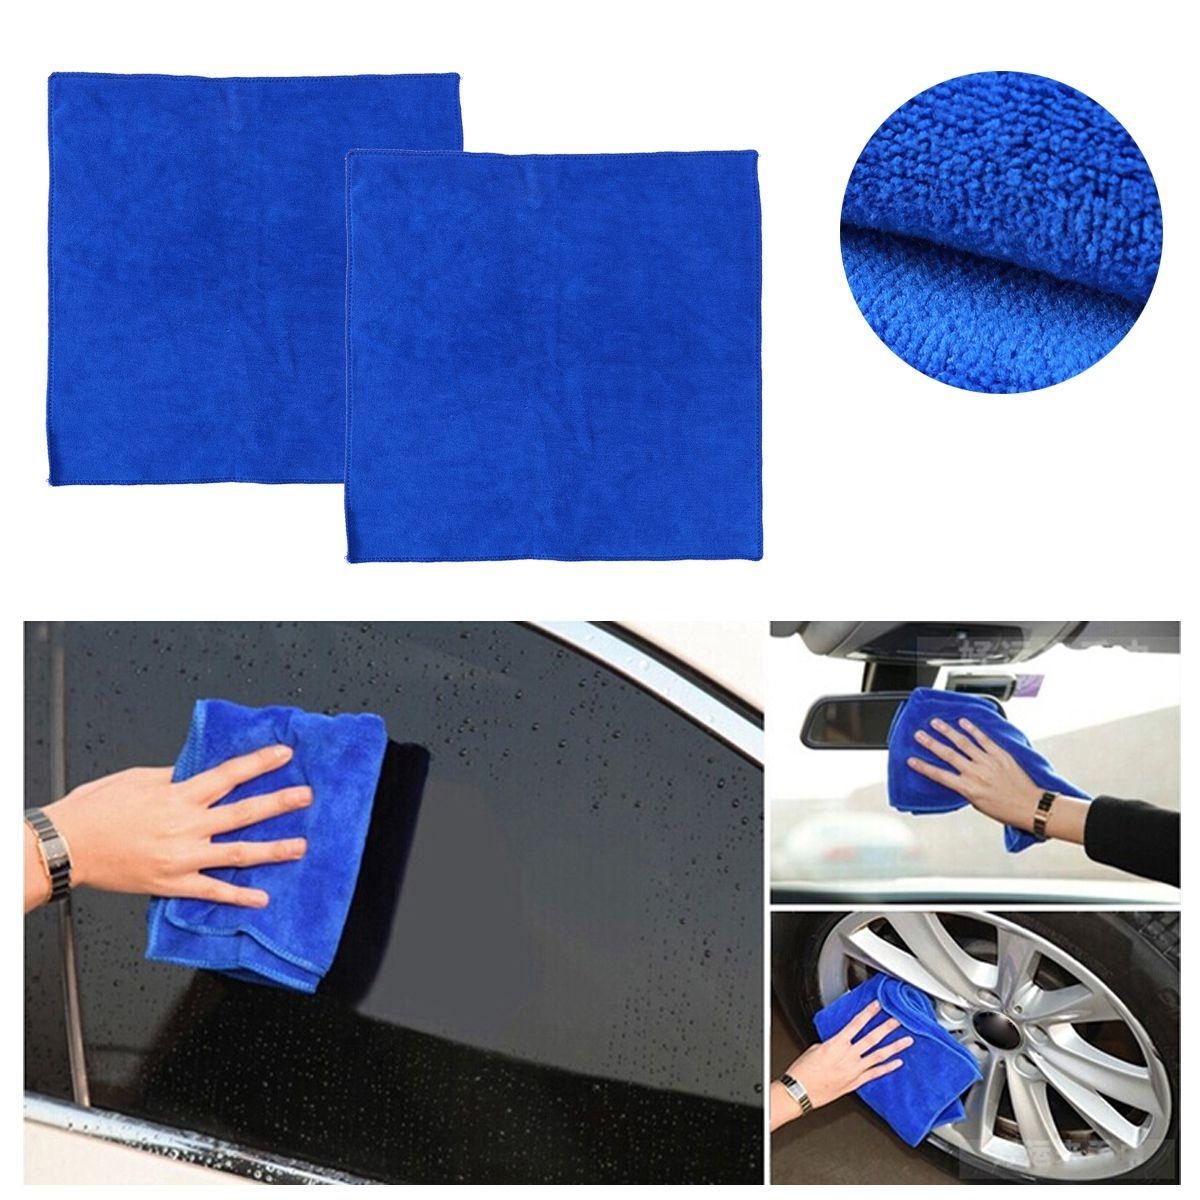 20шт сухие полотенца очистки полотенце 40x40cm мыть ткань автомойка ткань воск полировка нано микрофибры автомойка полотенце